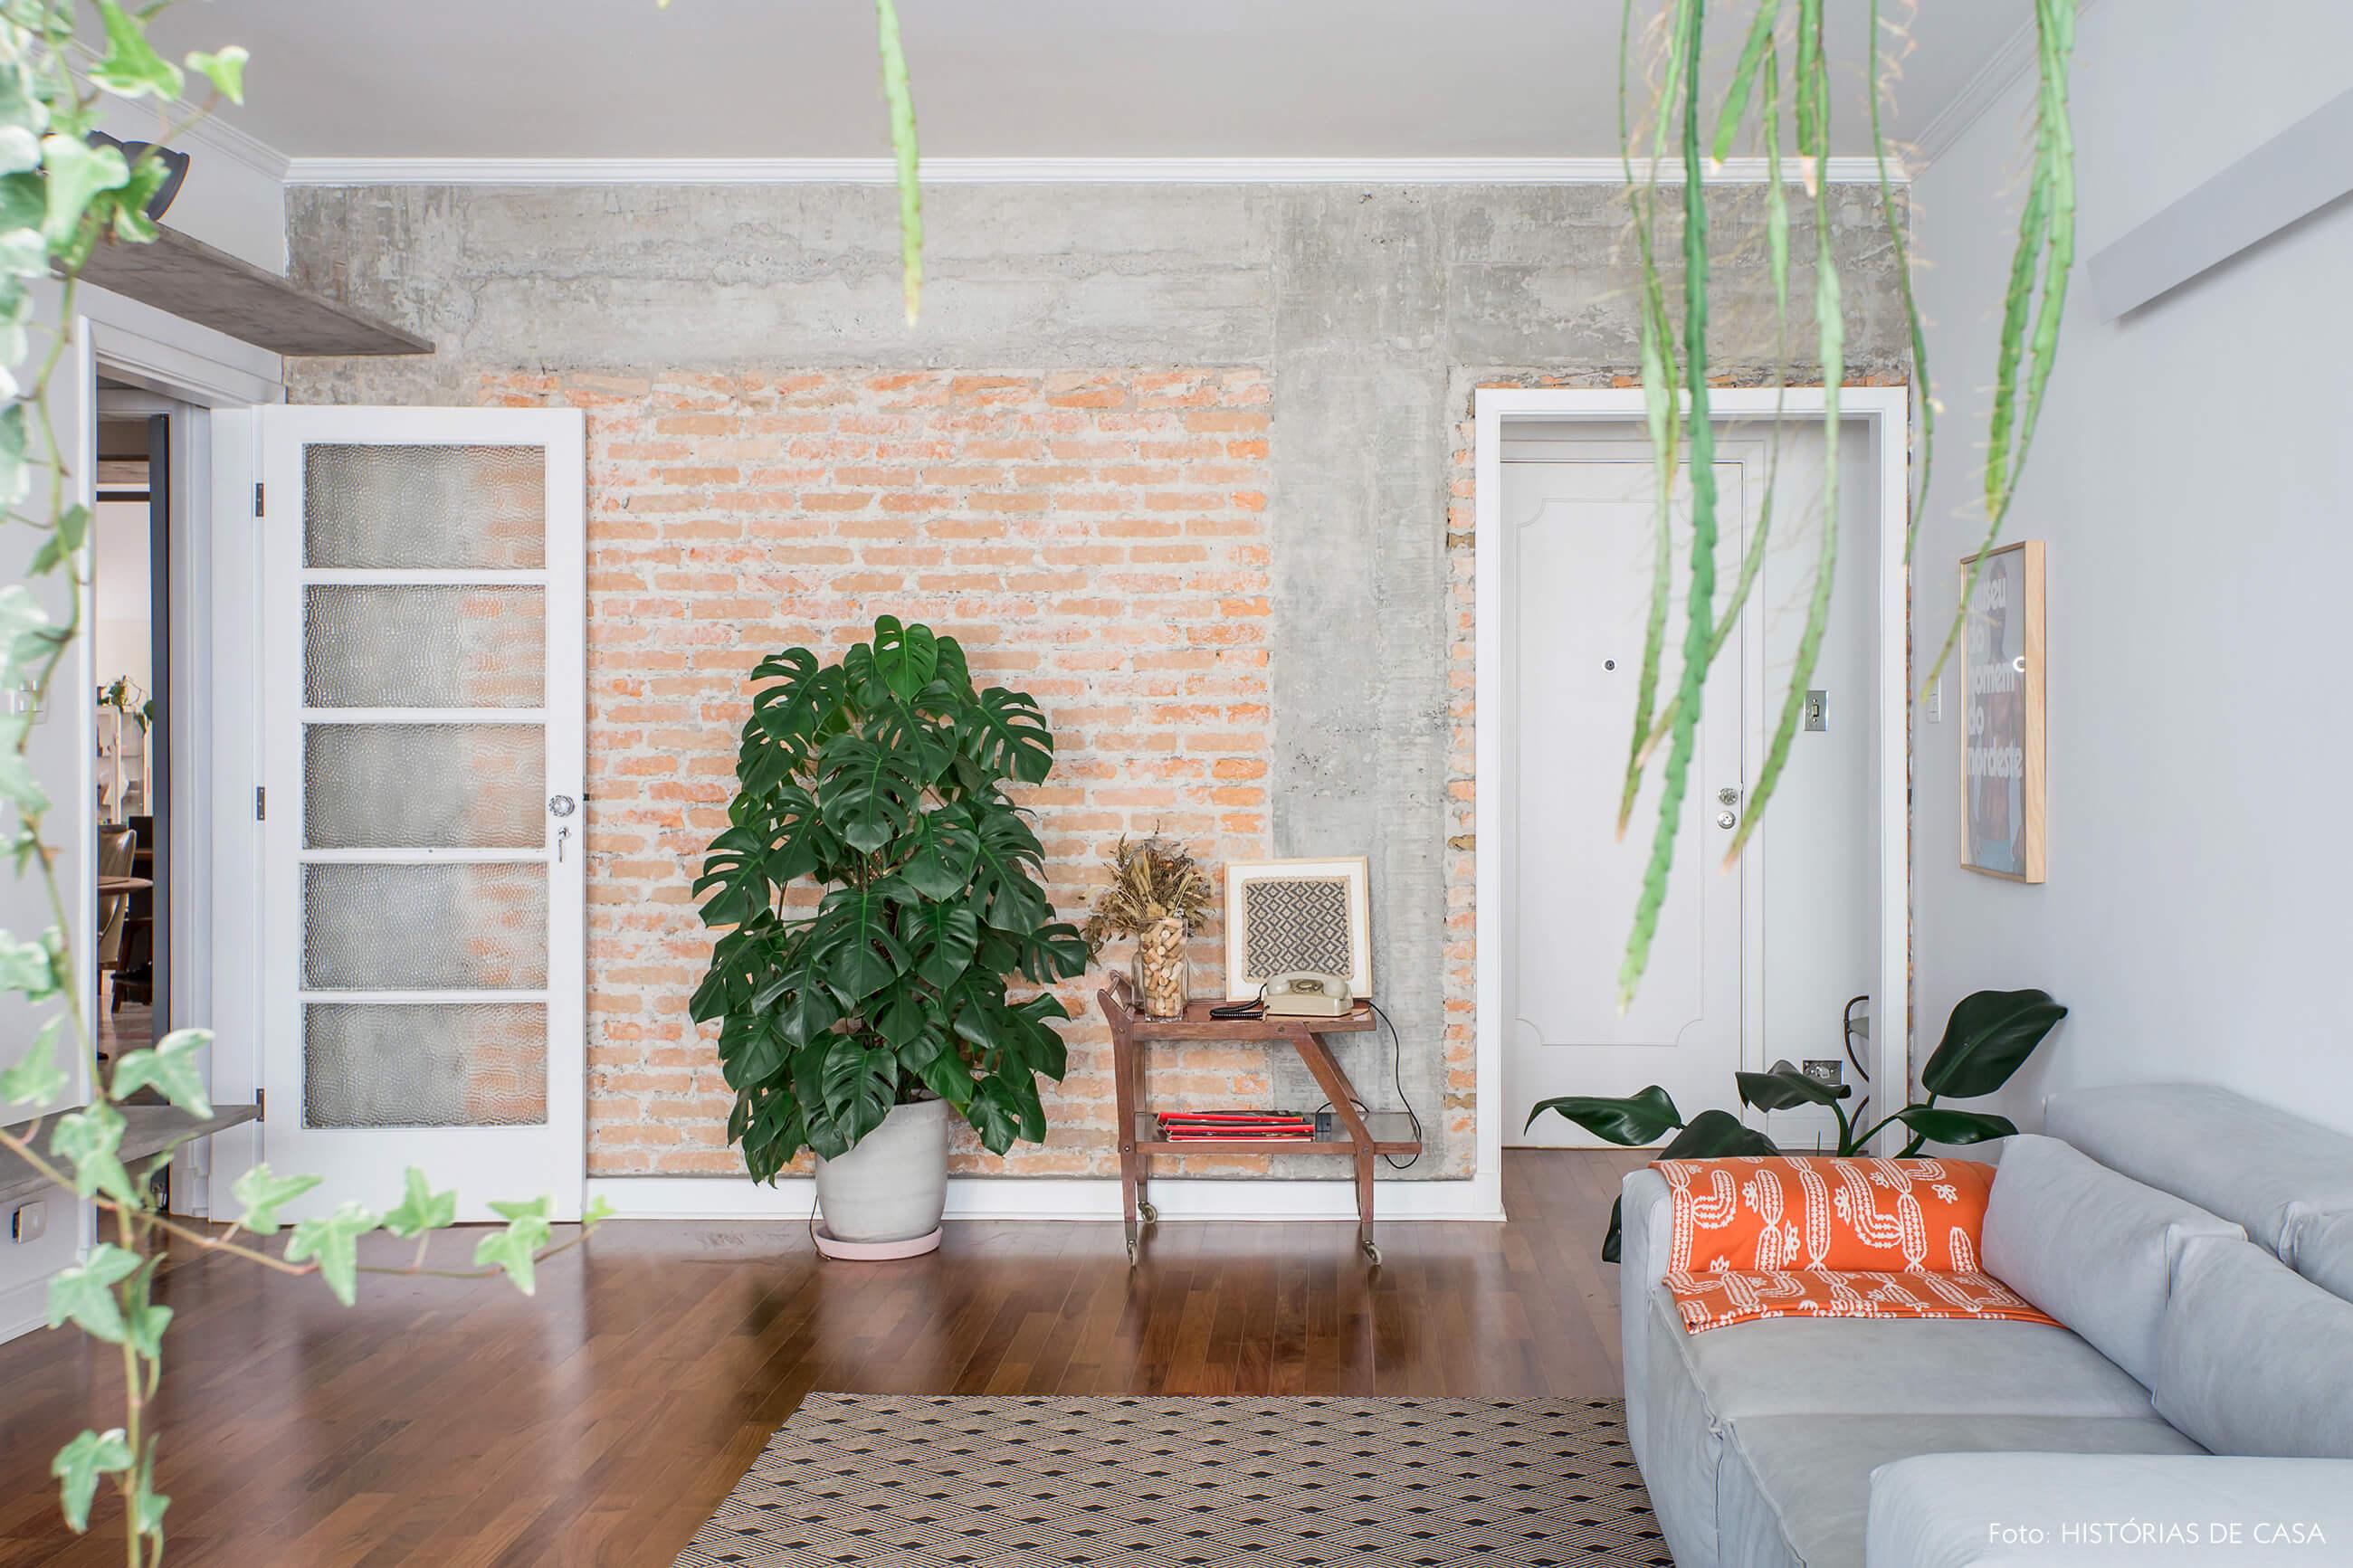 Sala integrada com parede de tijolinho aparente e piso de madeira